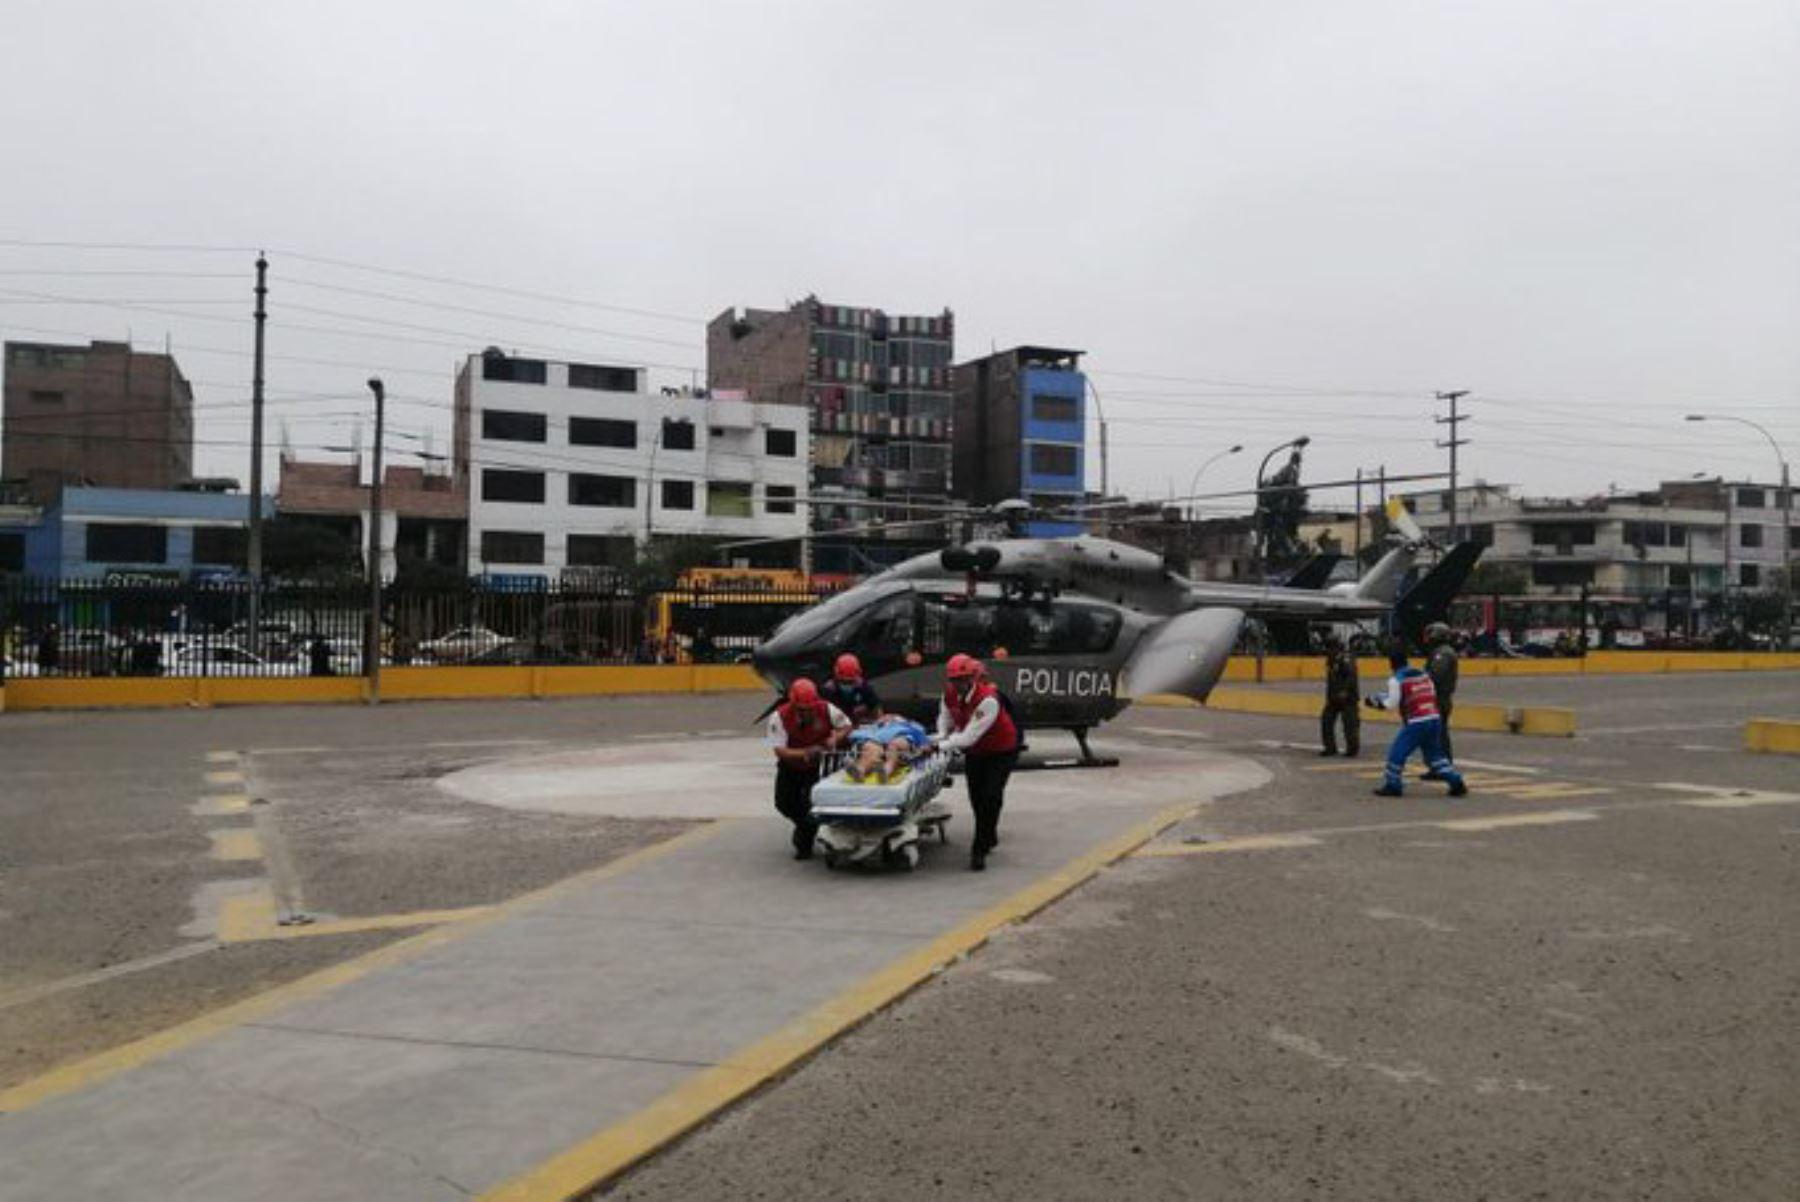 Dos escolares heridos de gravedad en la provincia limeña de Huarochirí recibirán atención especializada en el hospital Hipólito Unanue.